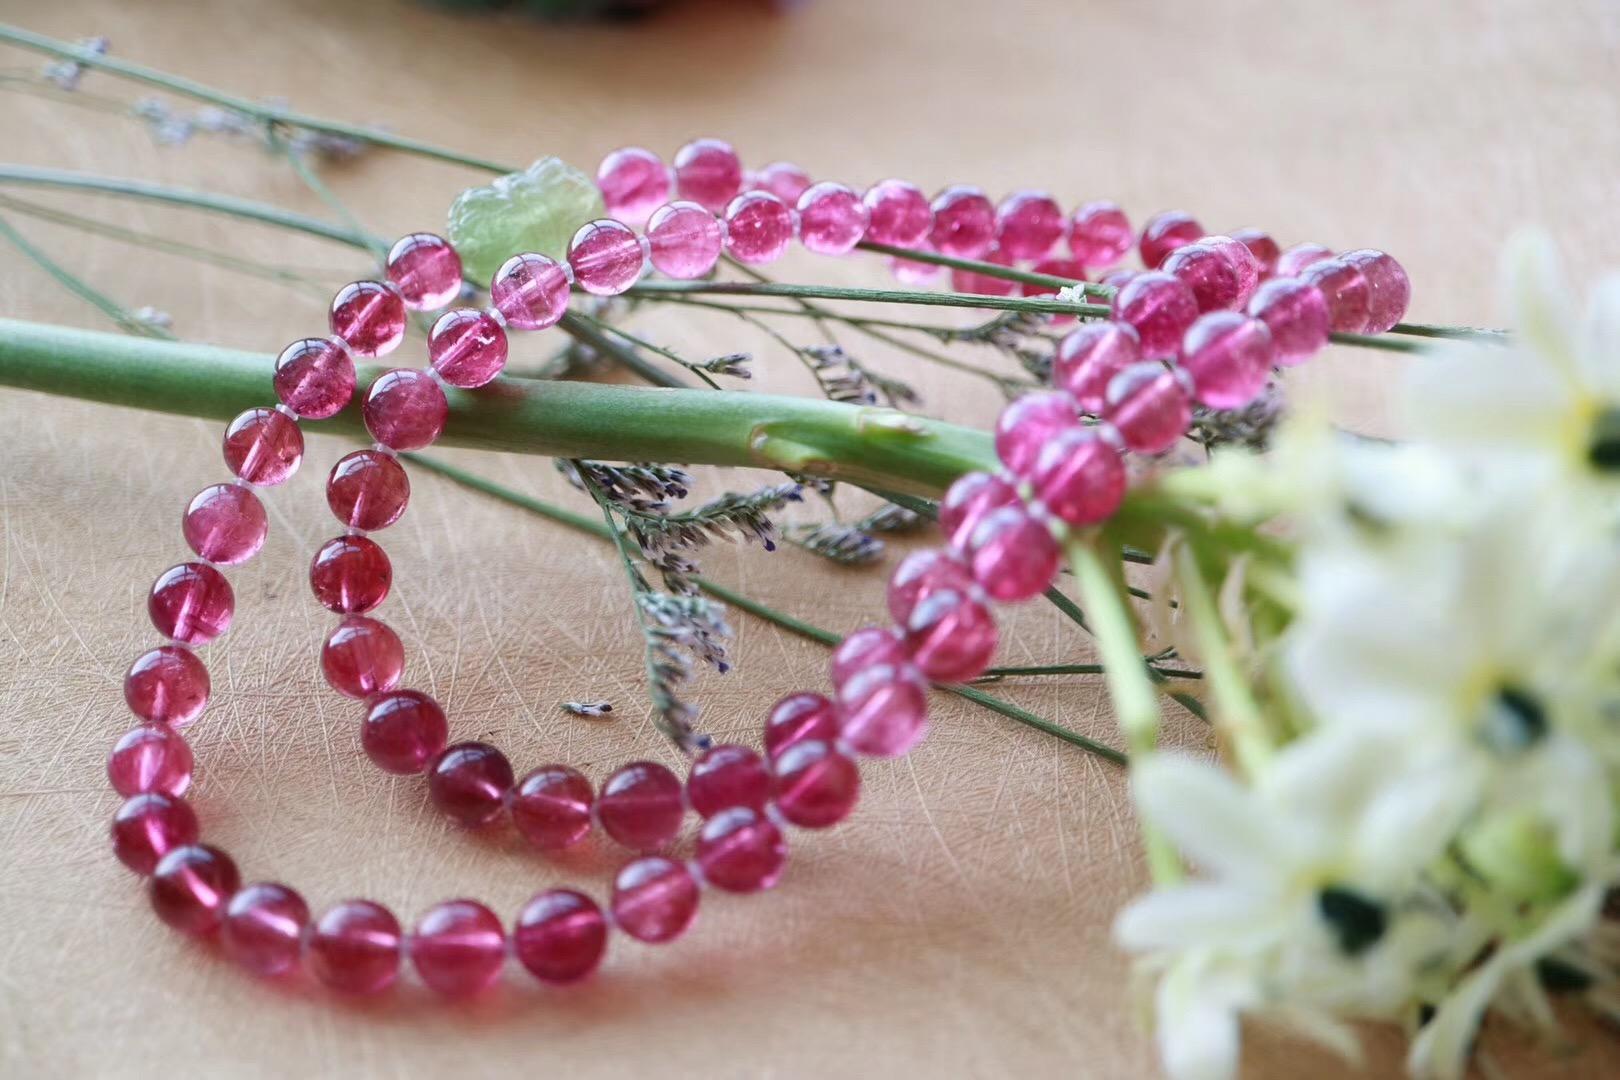 【红碧玺】提升女性魅力,塑造温馨甜蜜的气场-菩心晶舍